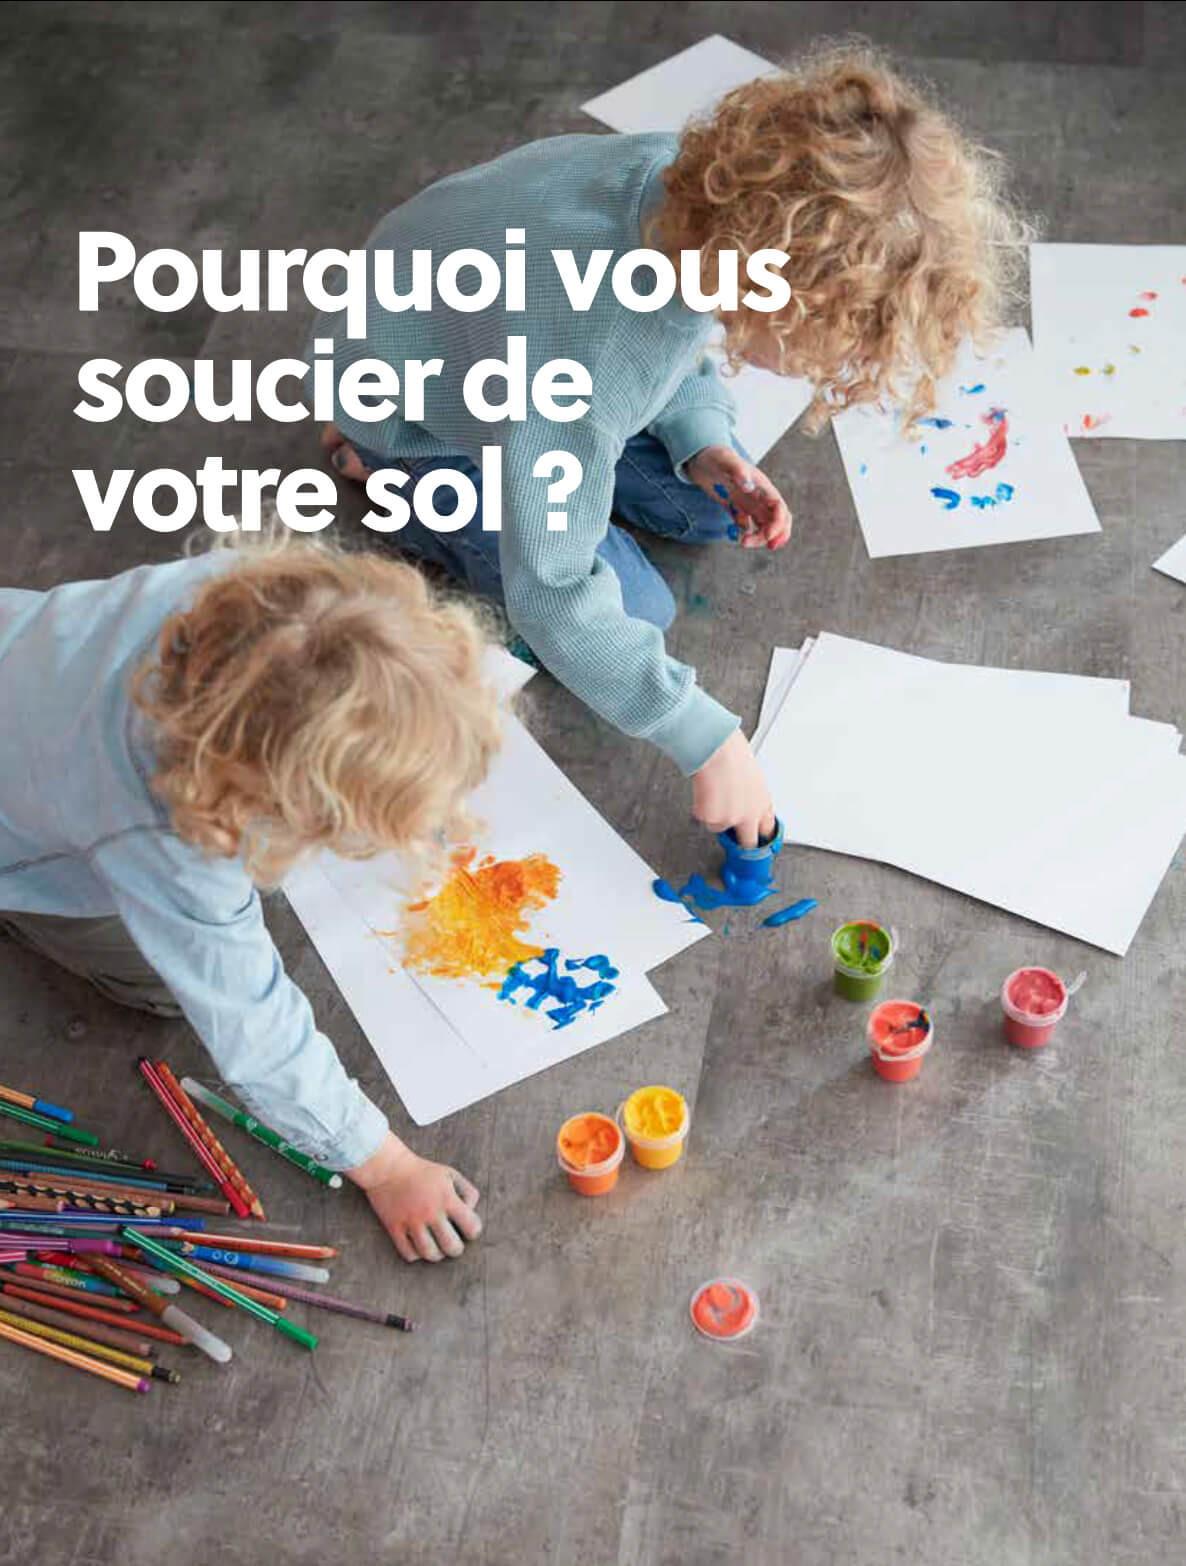 Pourquoi s'inquiéter pour votre sol? Des enfants qui peignent et dessinent sur le sol